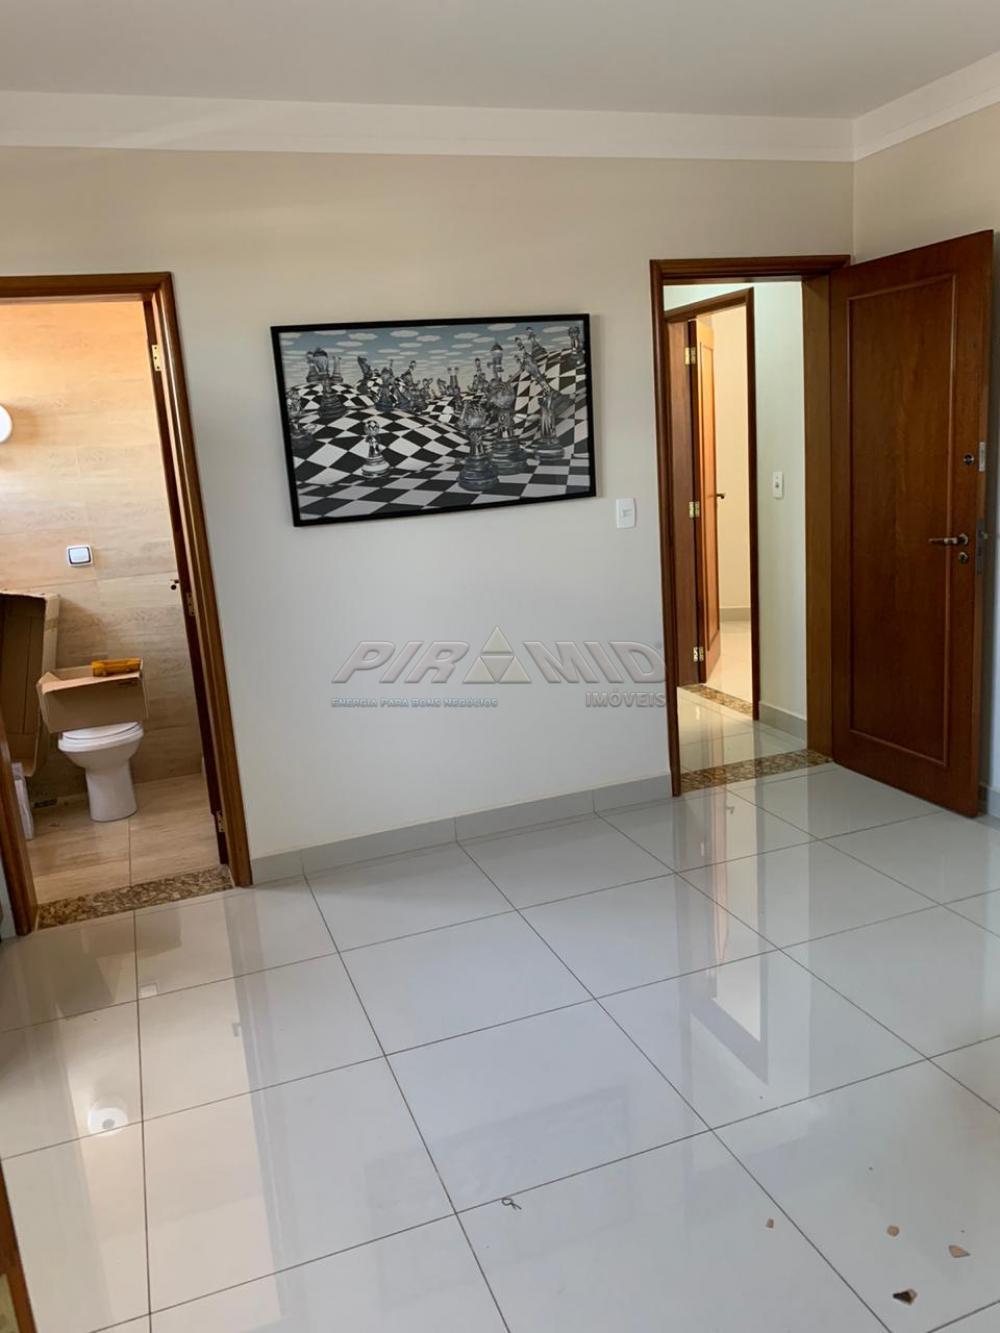 Alugar Comercial / Prédio em Ribeirão Preto apenas R$ 8.000,00 - Foto 8